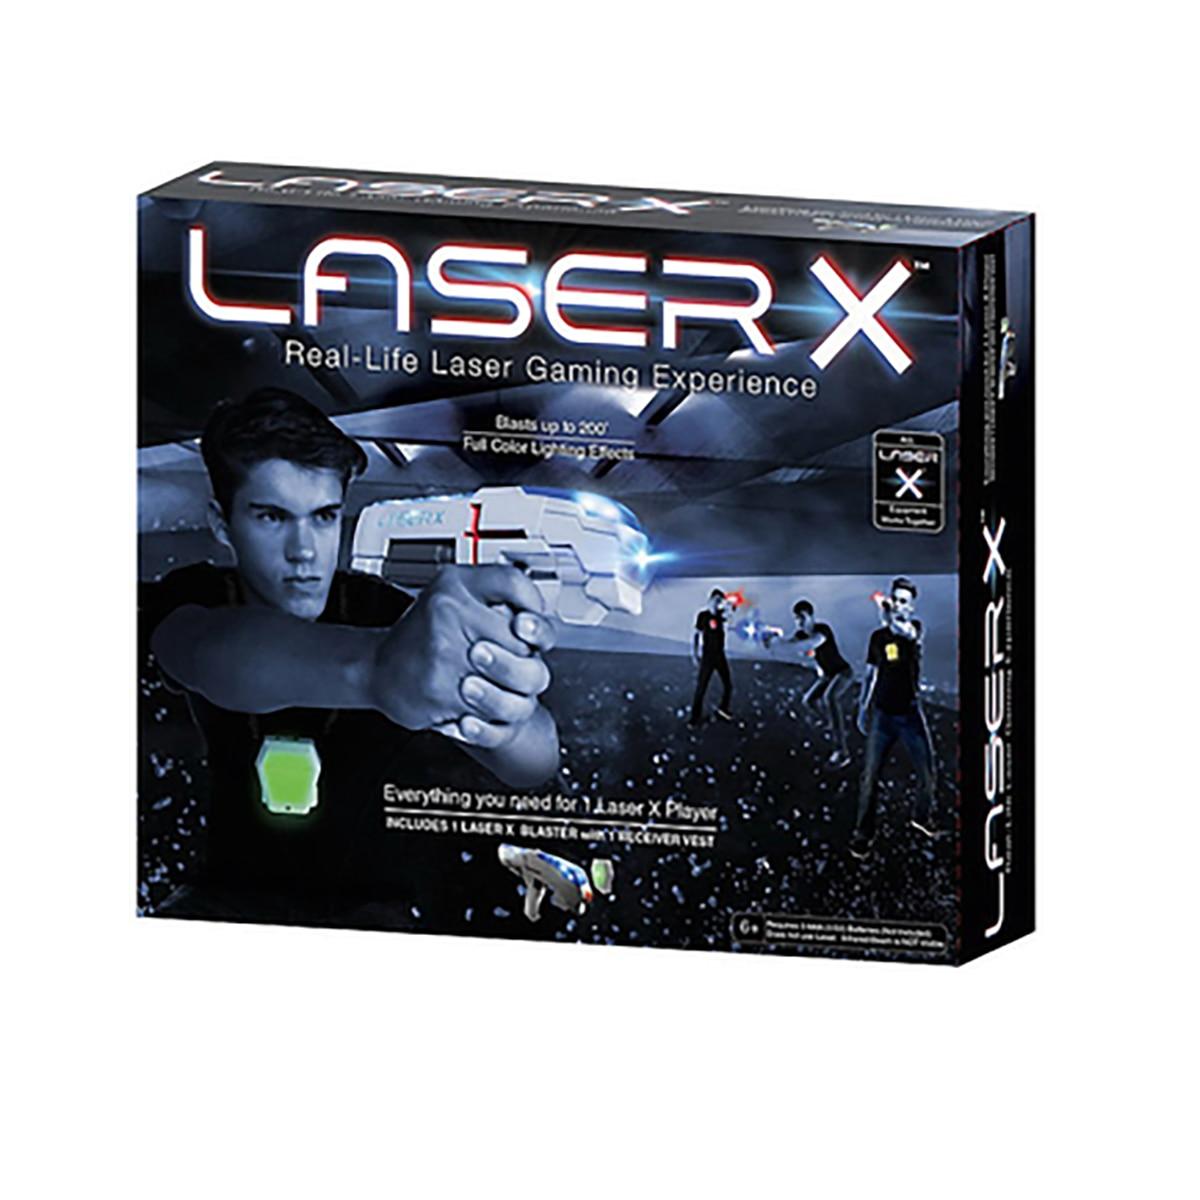 LASER X Toy Guns 8335486 pour garçons bras bébé garçon enfants jeux jouets plein air Fun & Sports